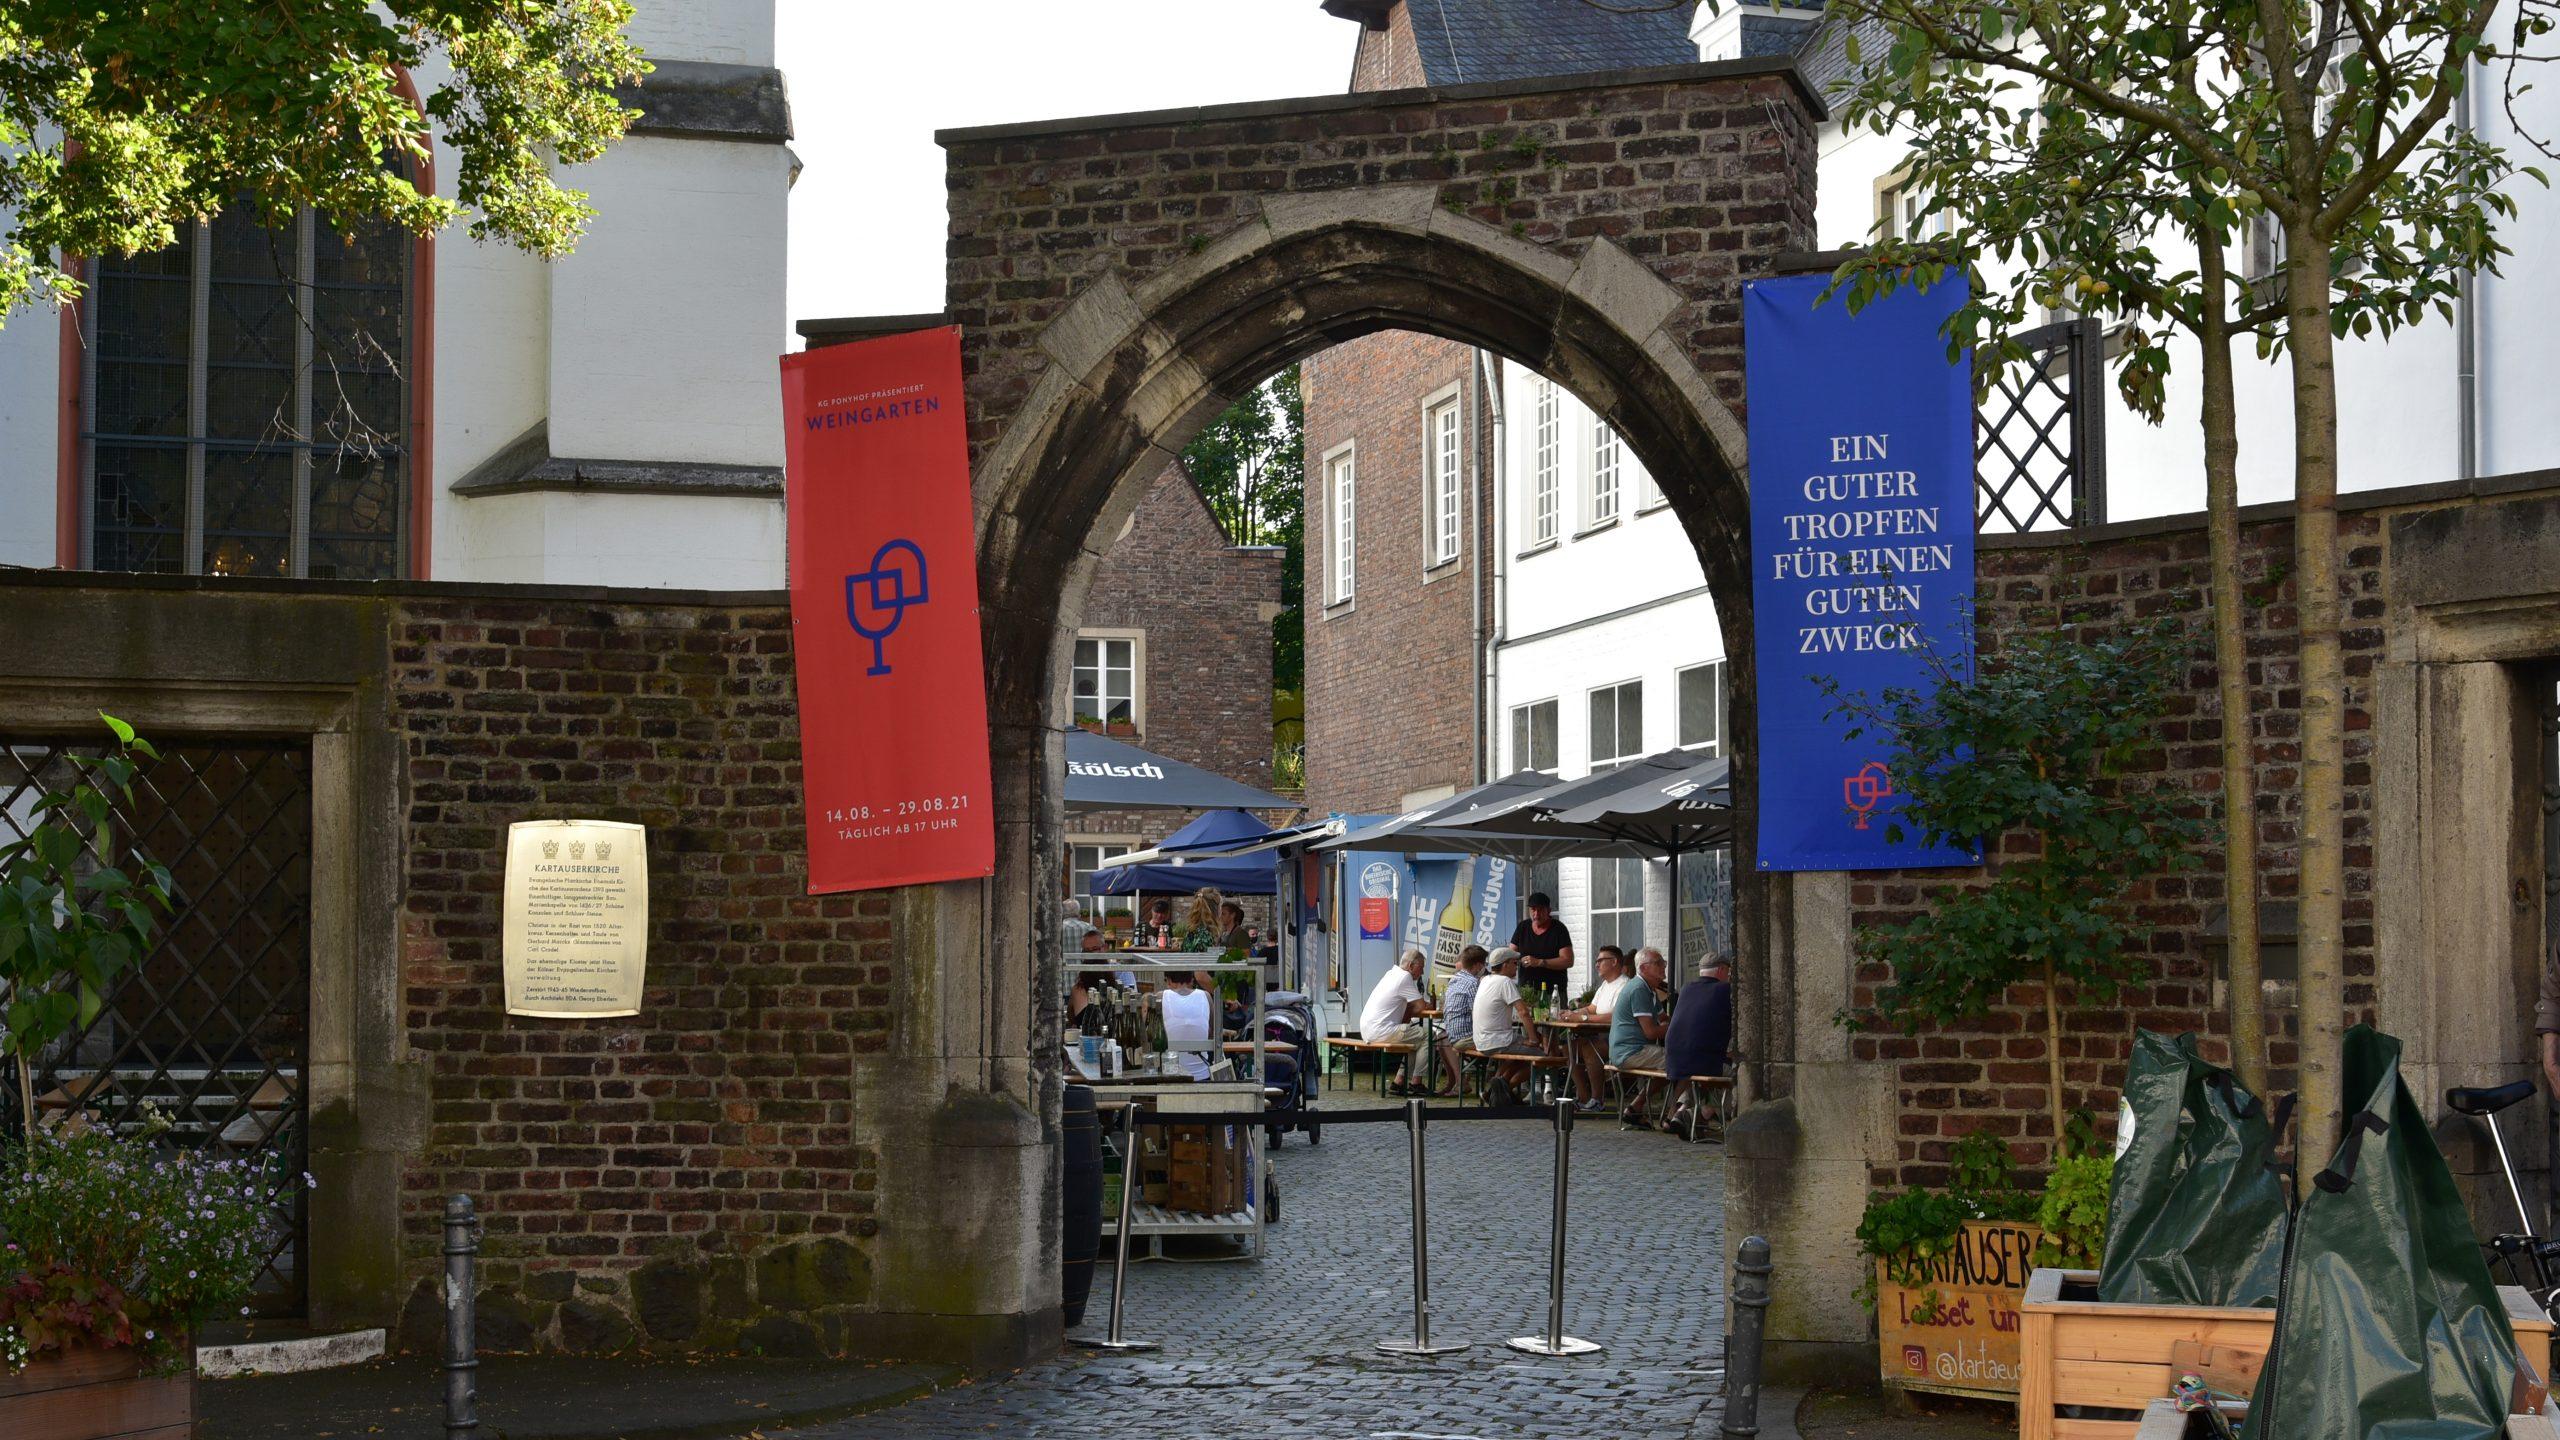 Die KG Ponyhof e.V. veranstaltet einen Weingarten an der Kartäuserkirche in der Kölner Südstadt. Der Gewinn fließt in eine nachhaltige und langfristige Unterstützung der von der Flutkatastrophe betroffenen Region im Ahrtal.